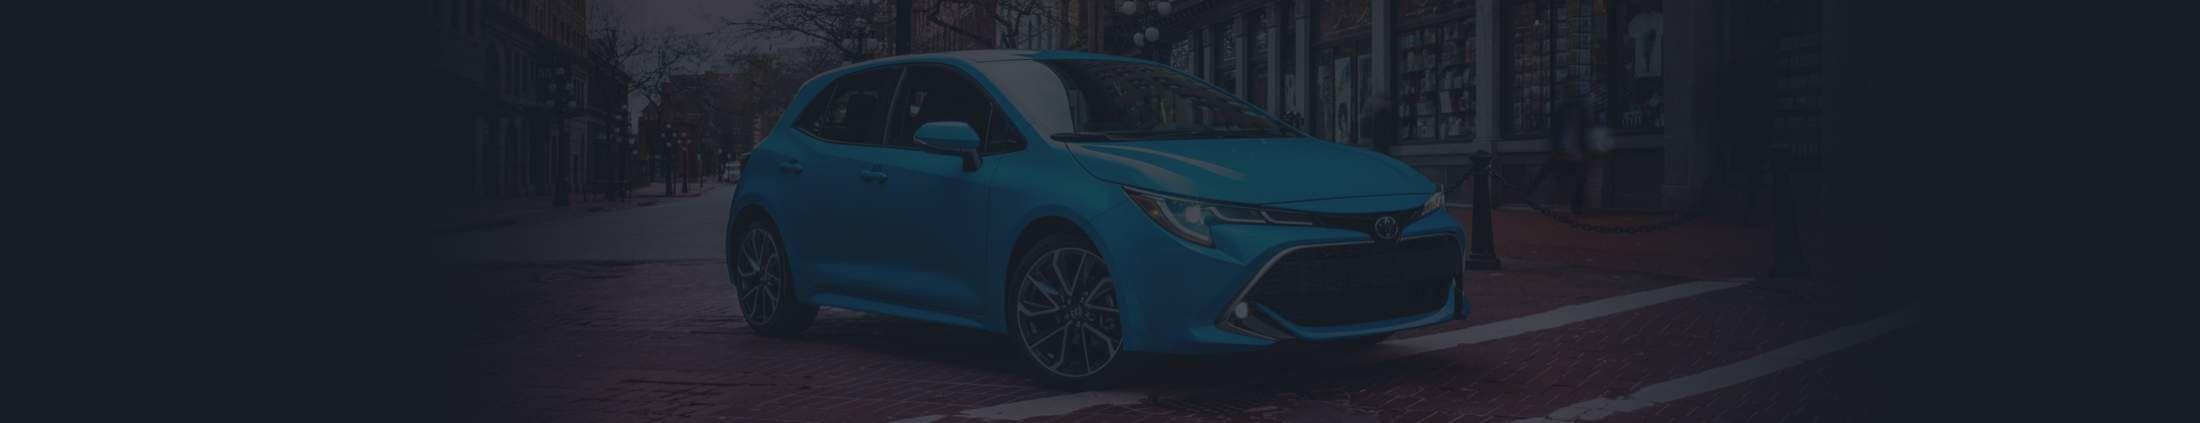 2021 Corolla Hatchback